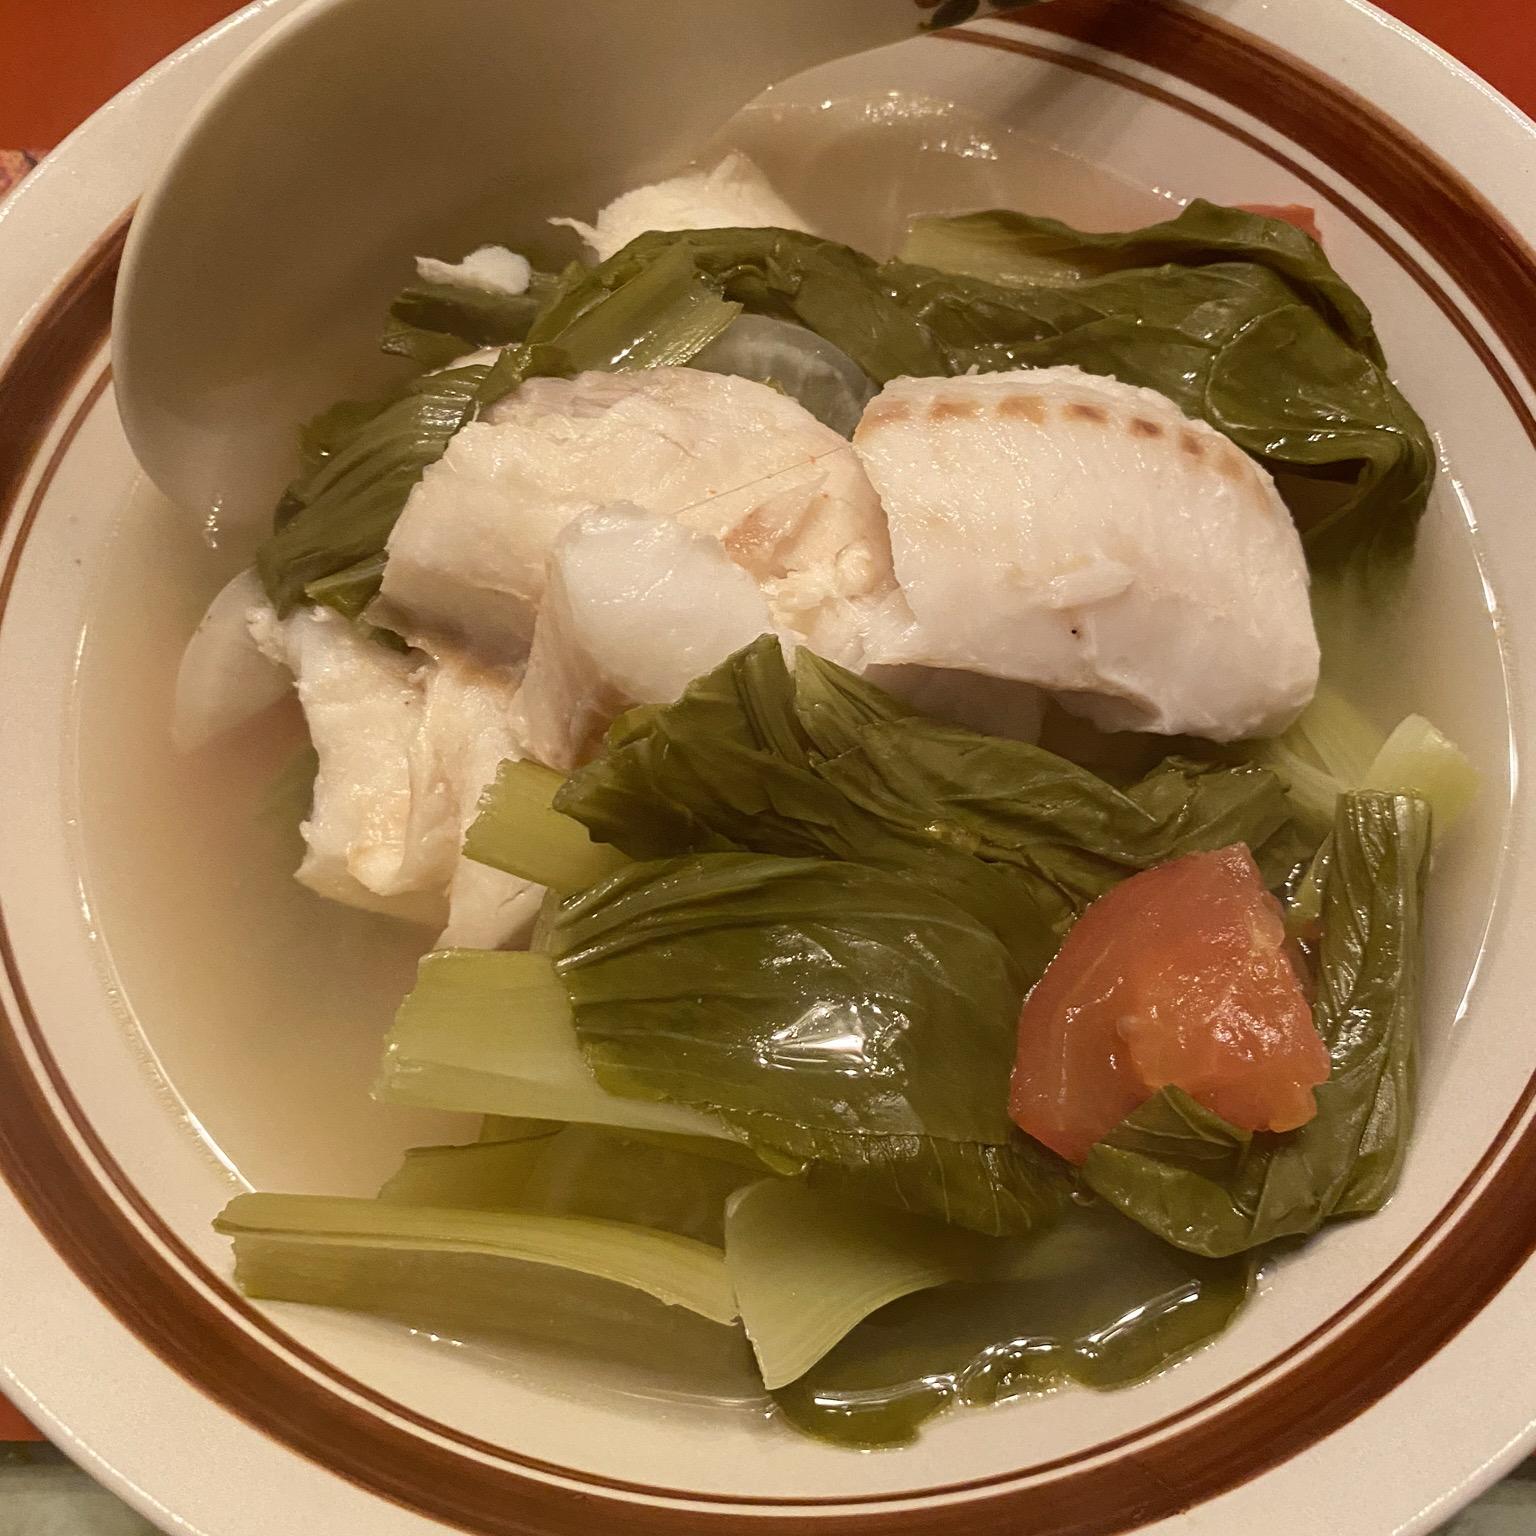 Fish Sinigang (Tilapia) - Filipino Sour Broth Dish KaliSIG